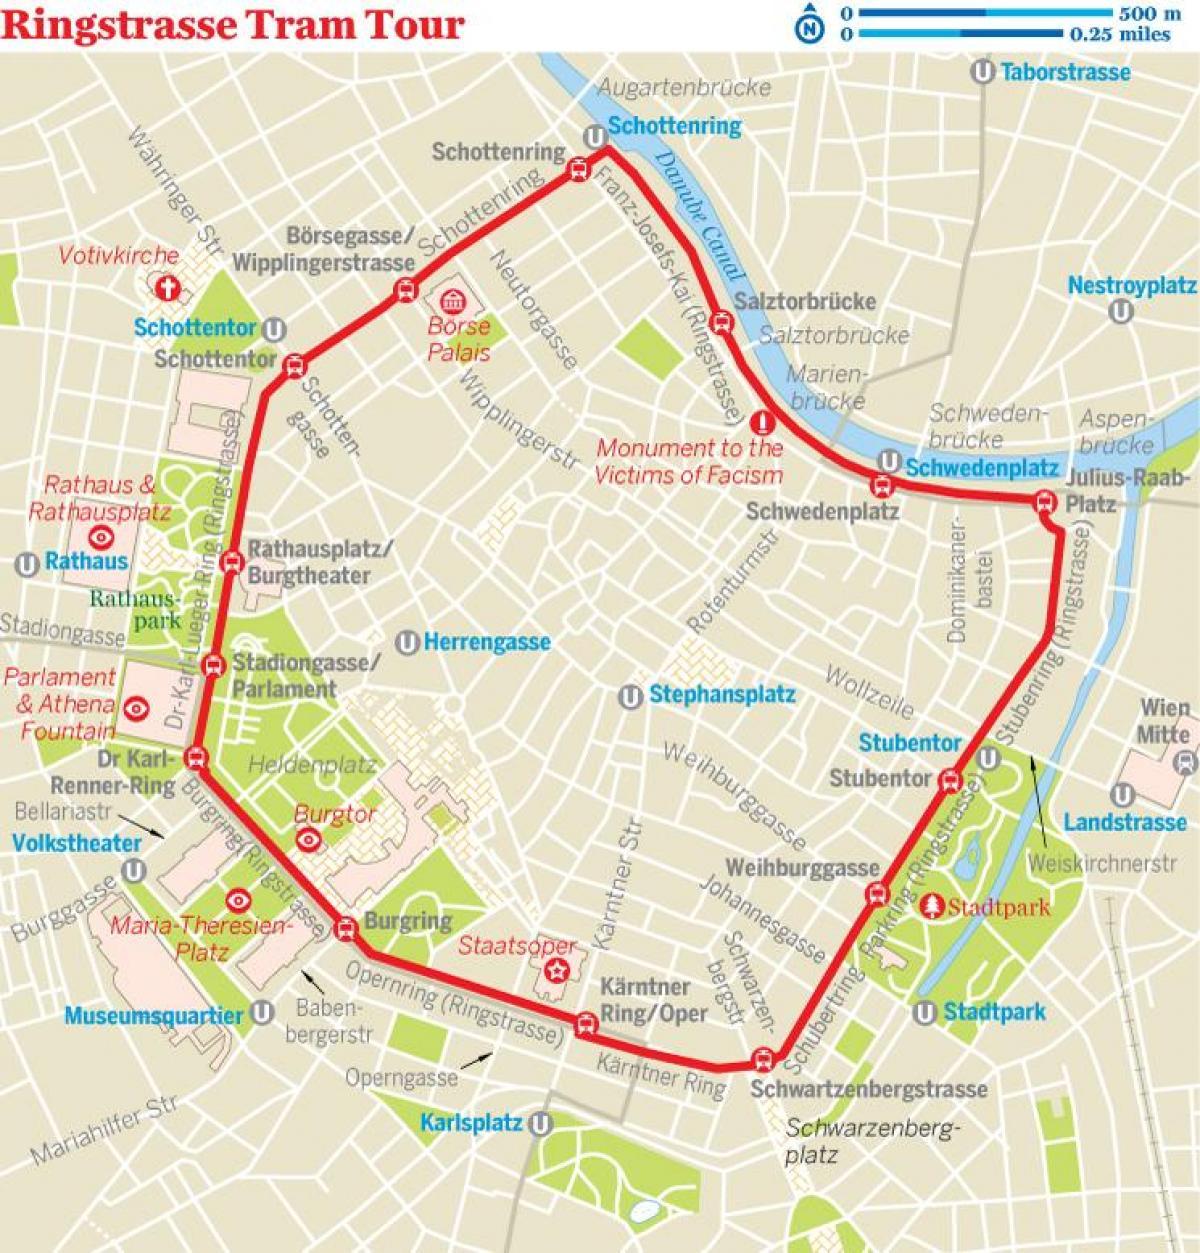 Vienna ring tram map - Vienna ring tram route map (österreich)